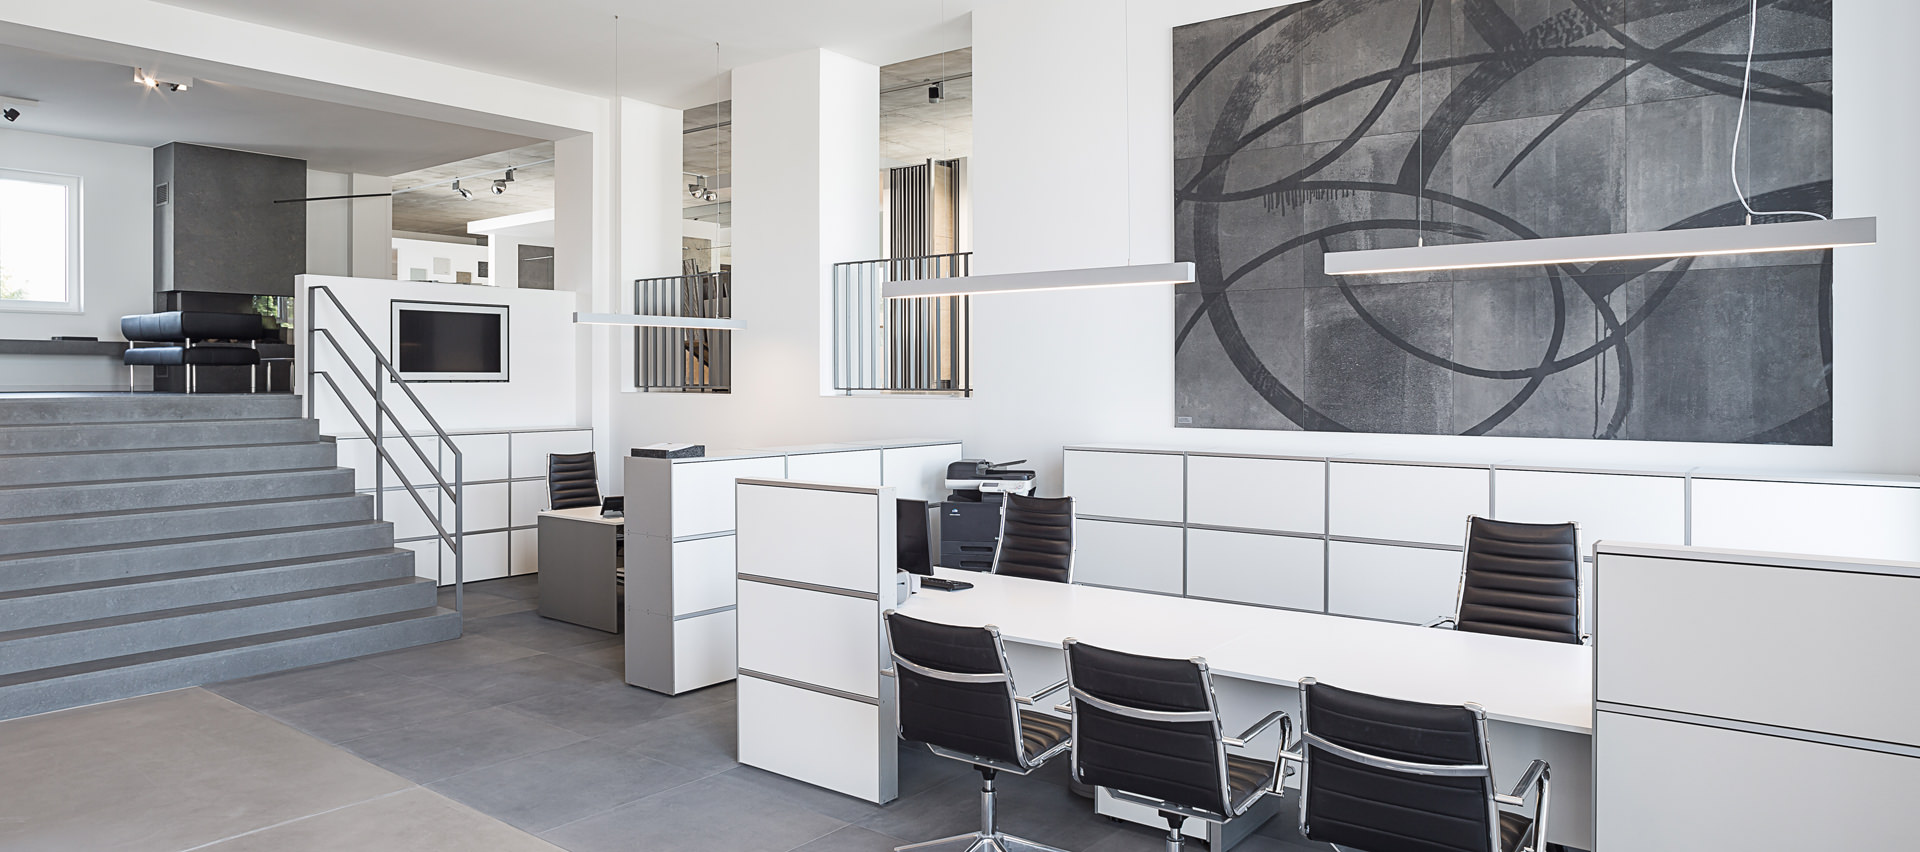 b der fliesen und natursteinausstellung zwischen k ln und. Black Bedroom Furniture Sets. Home Design Ideas